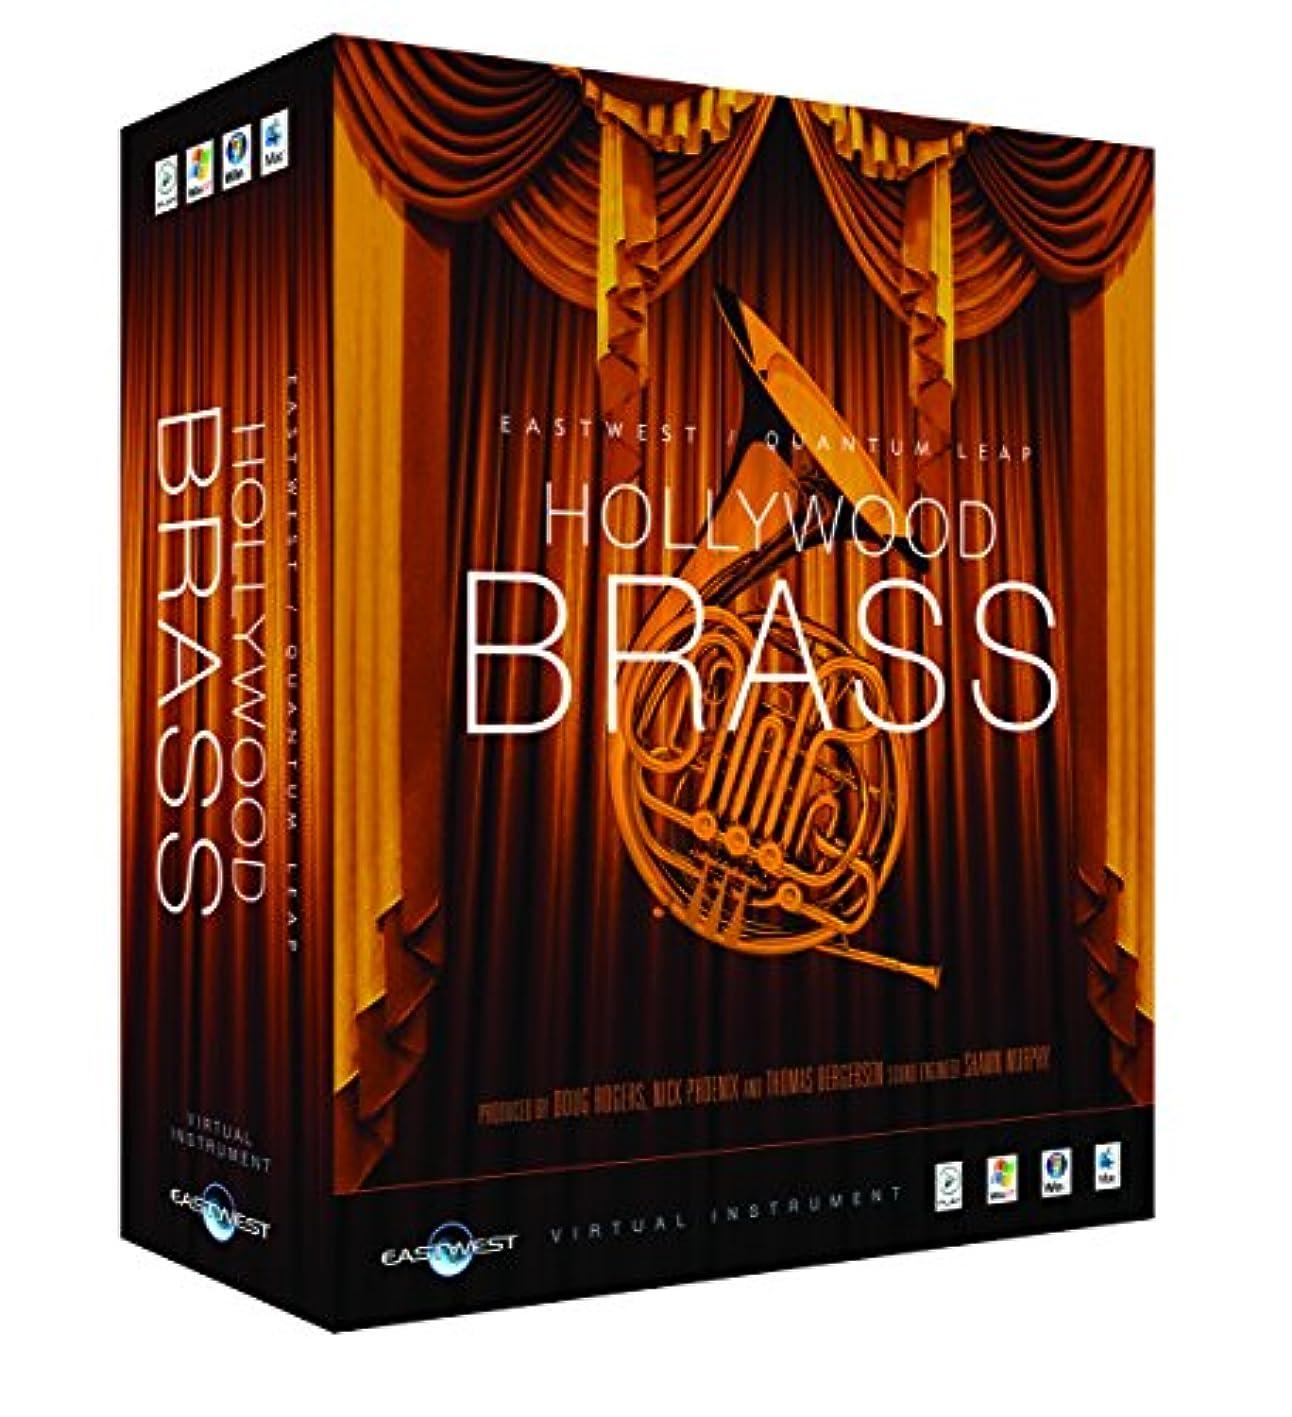 無知非難人道的EastWest Quantum Leap Hollywood Brass Gold Edition オーケストラ金管楽器コレクション 【国内正規品】